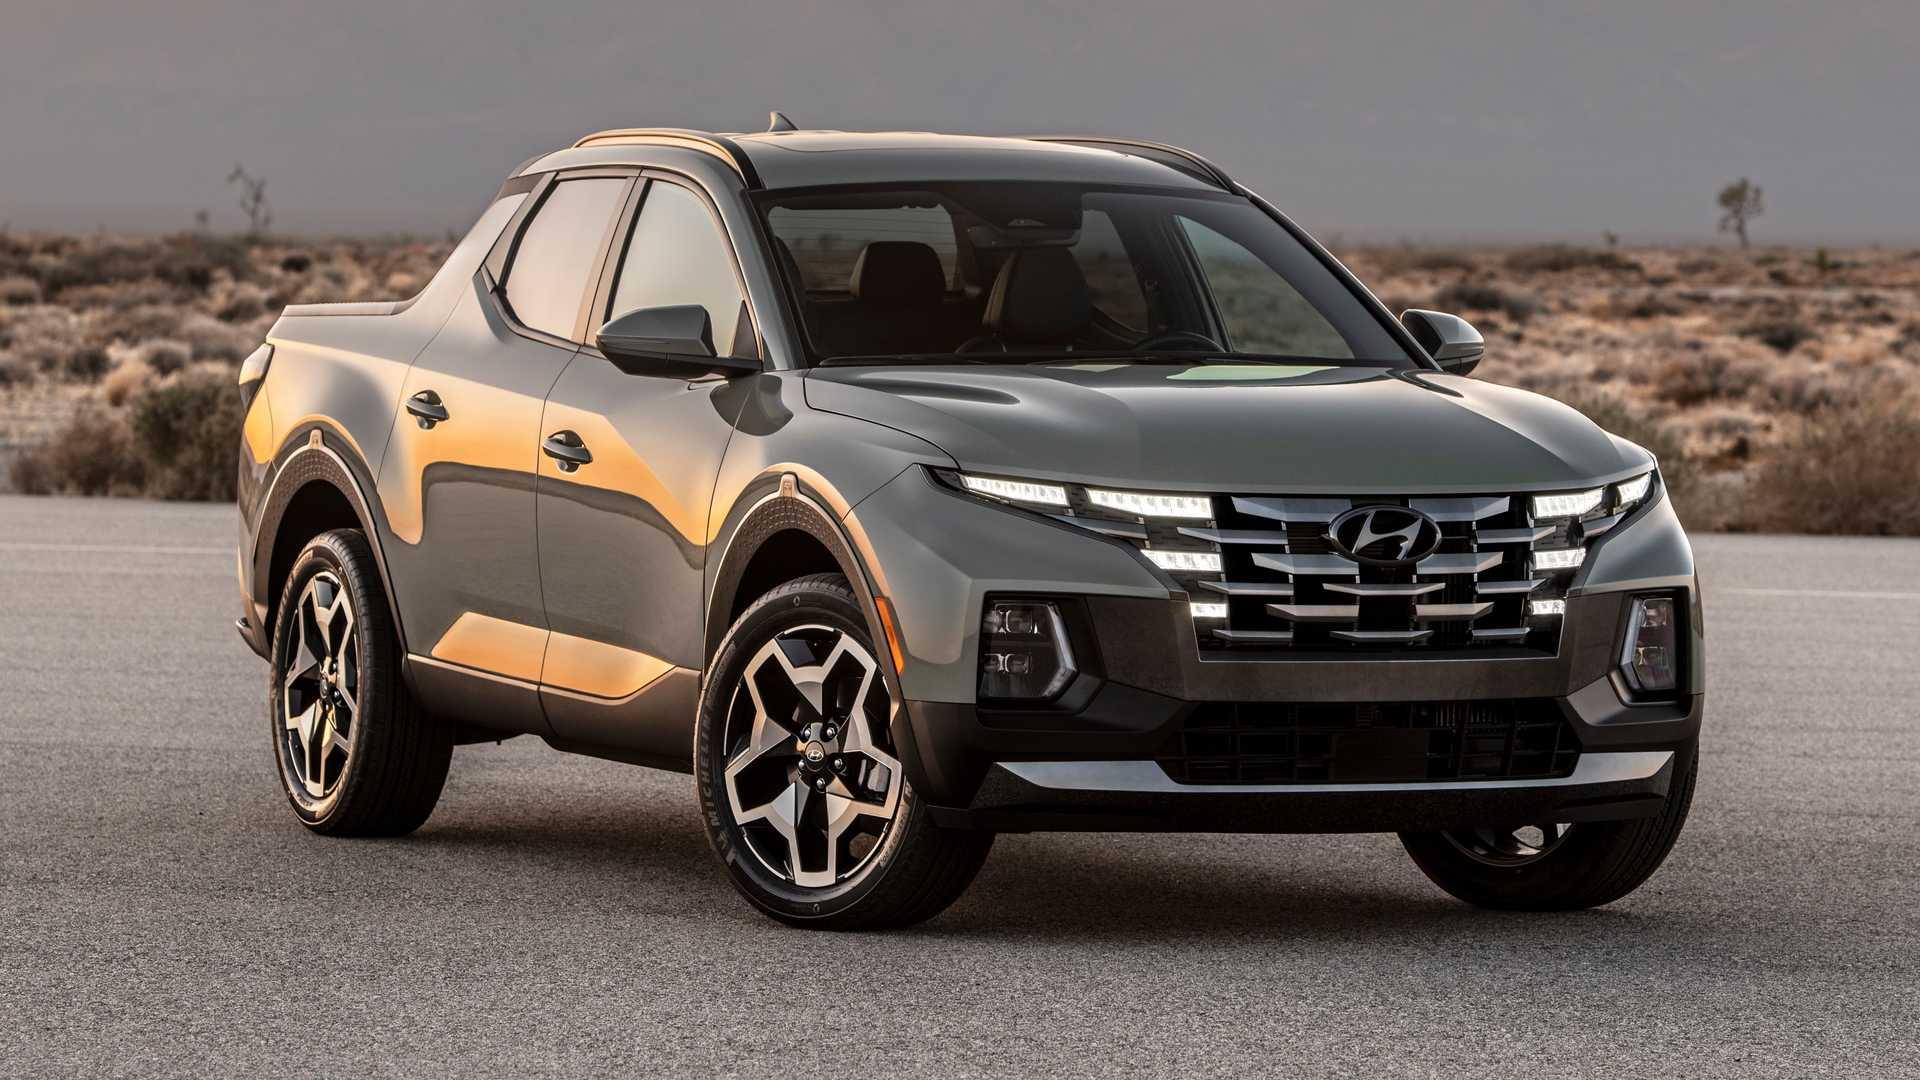 Le Hyundai Santa Cruz est le véhicule qui se vend le plus rapidement aux États-Unis